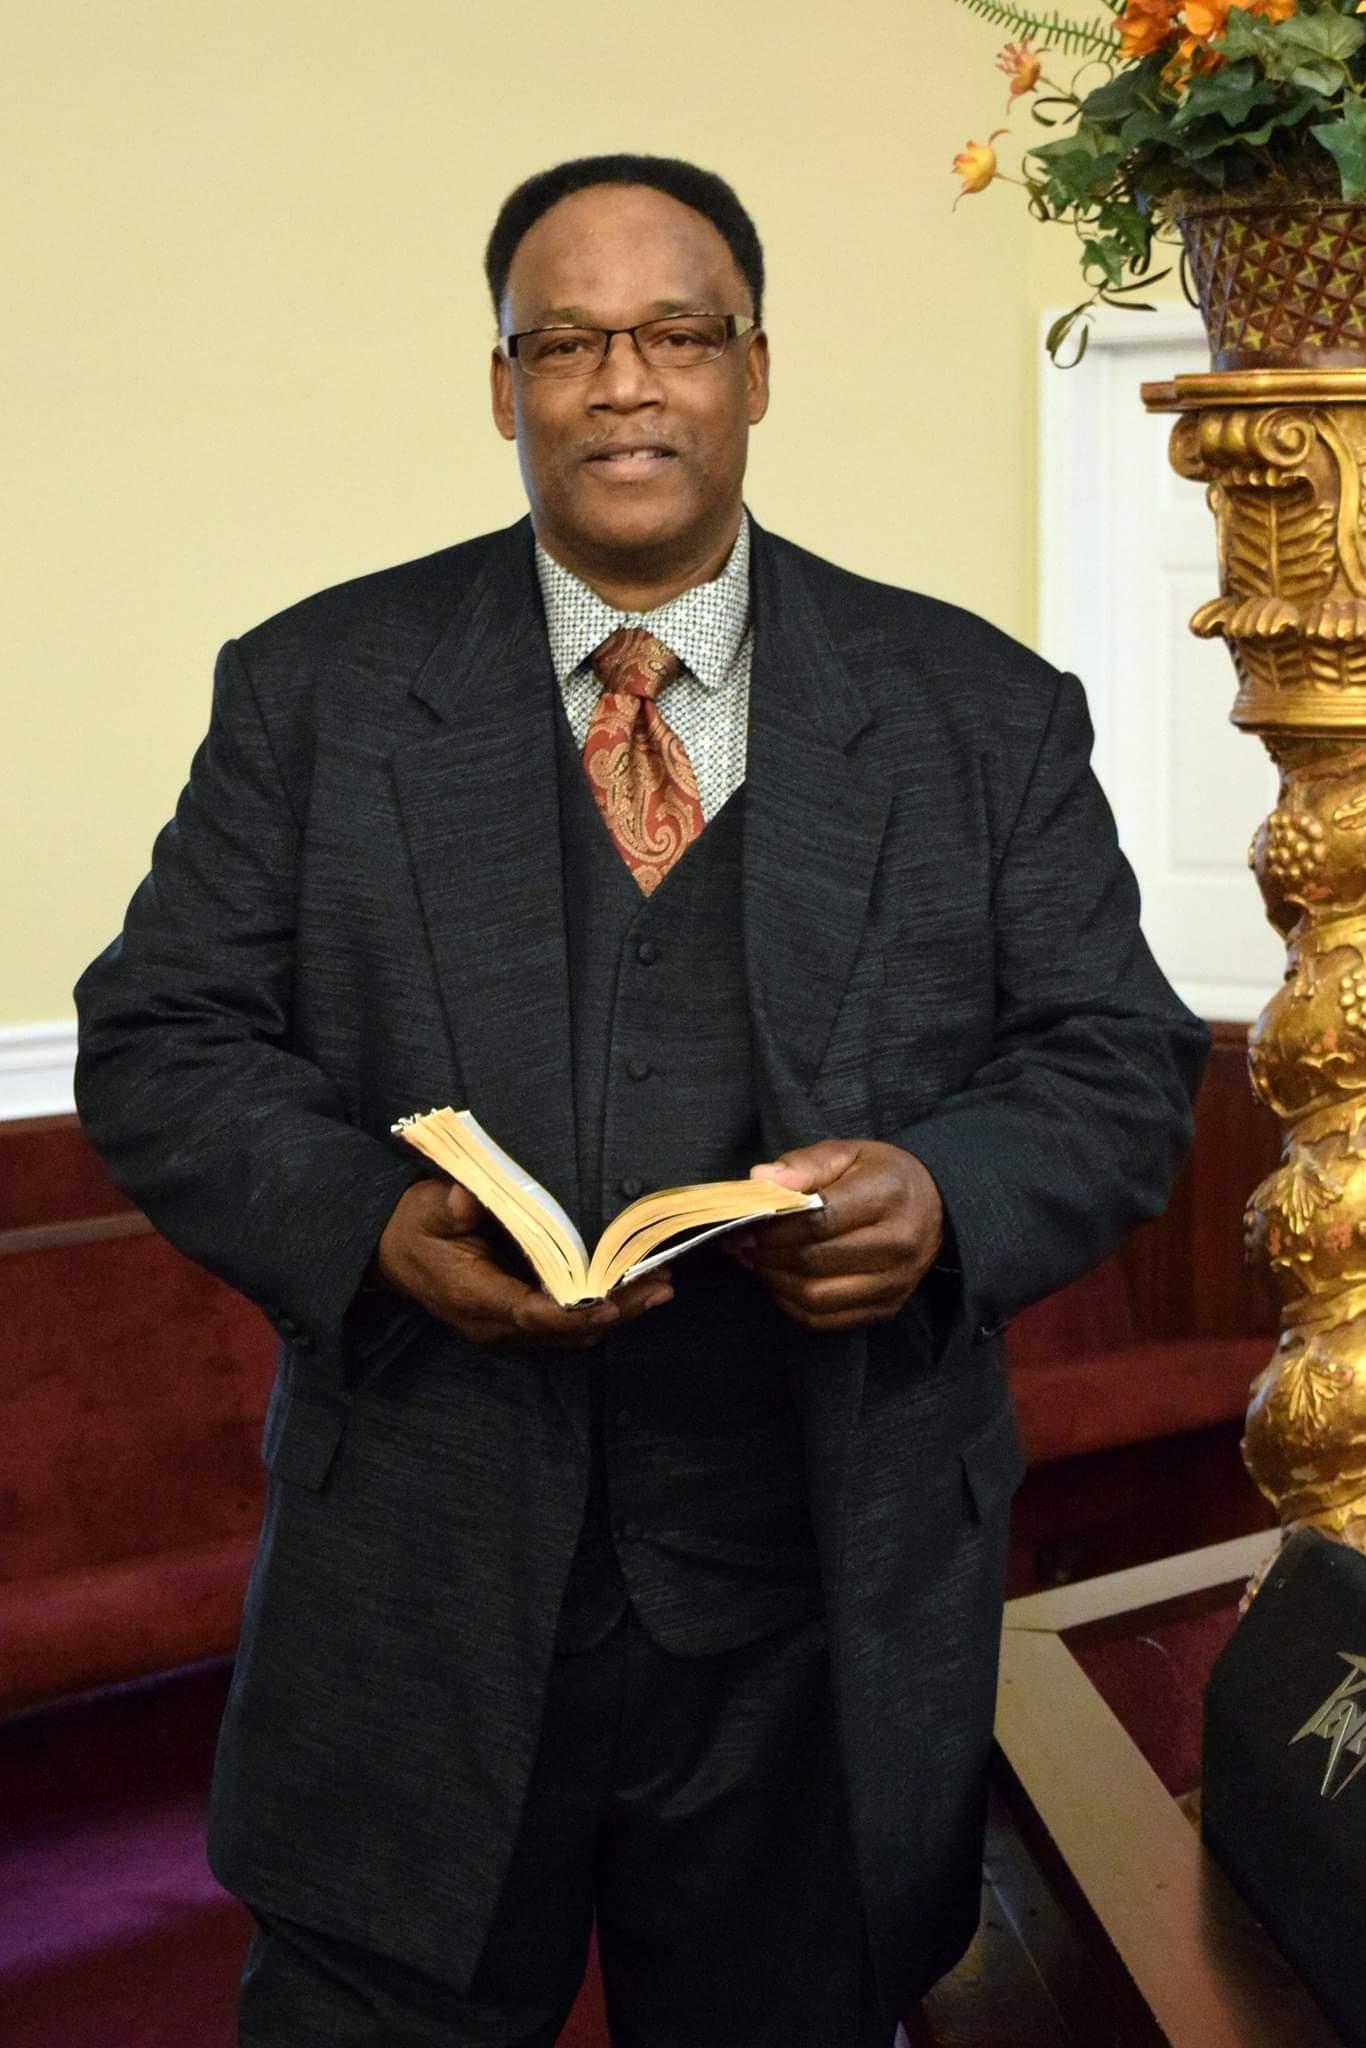 Our Apostle: Pastor Gaston River